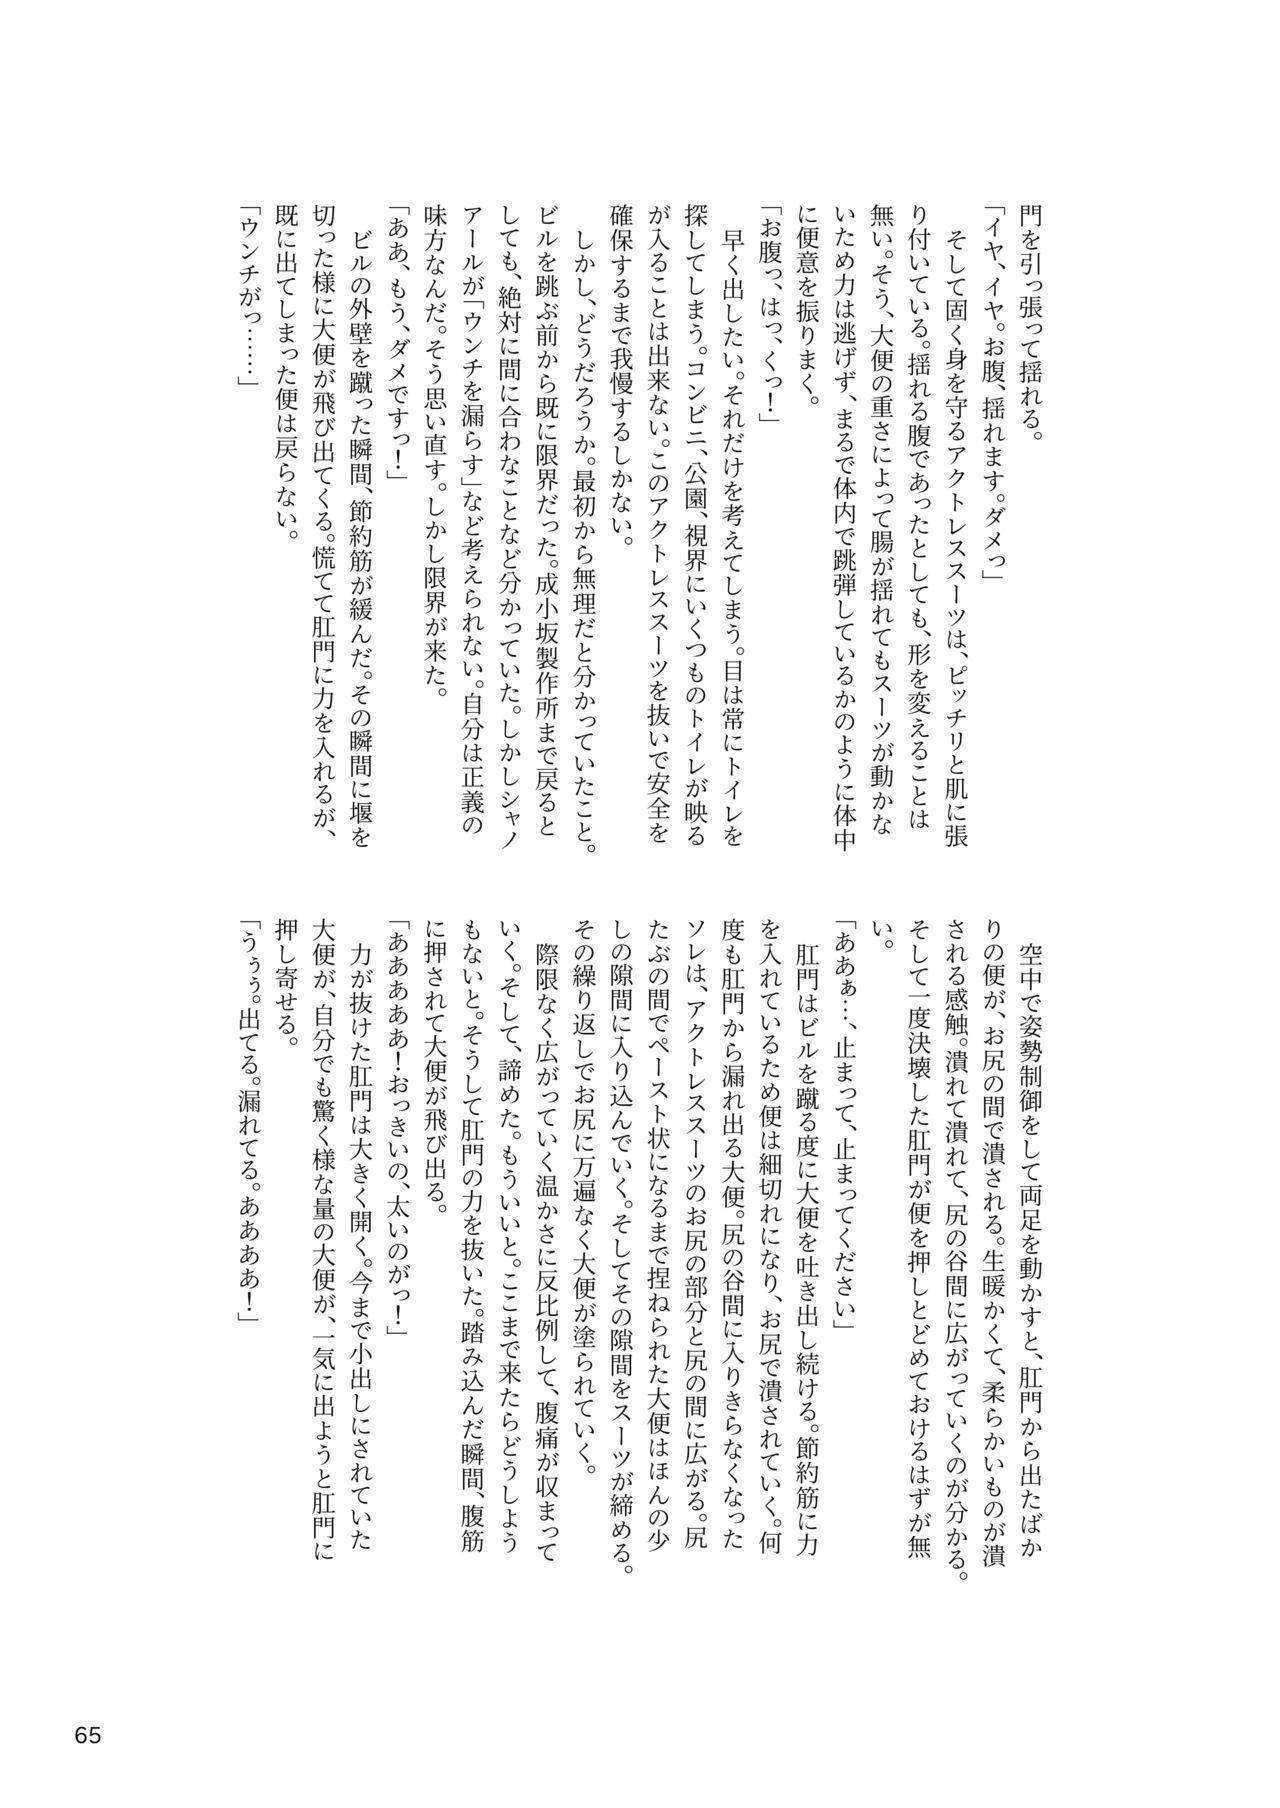 ア○スギア総合スカトロアンソロジー アクトレス排泄実態調査任務~スカポためるっすか!?~ 64